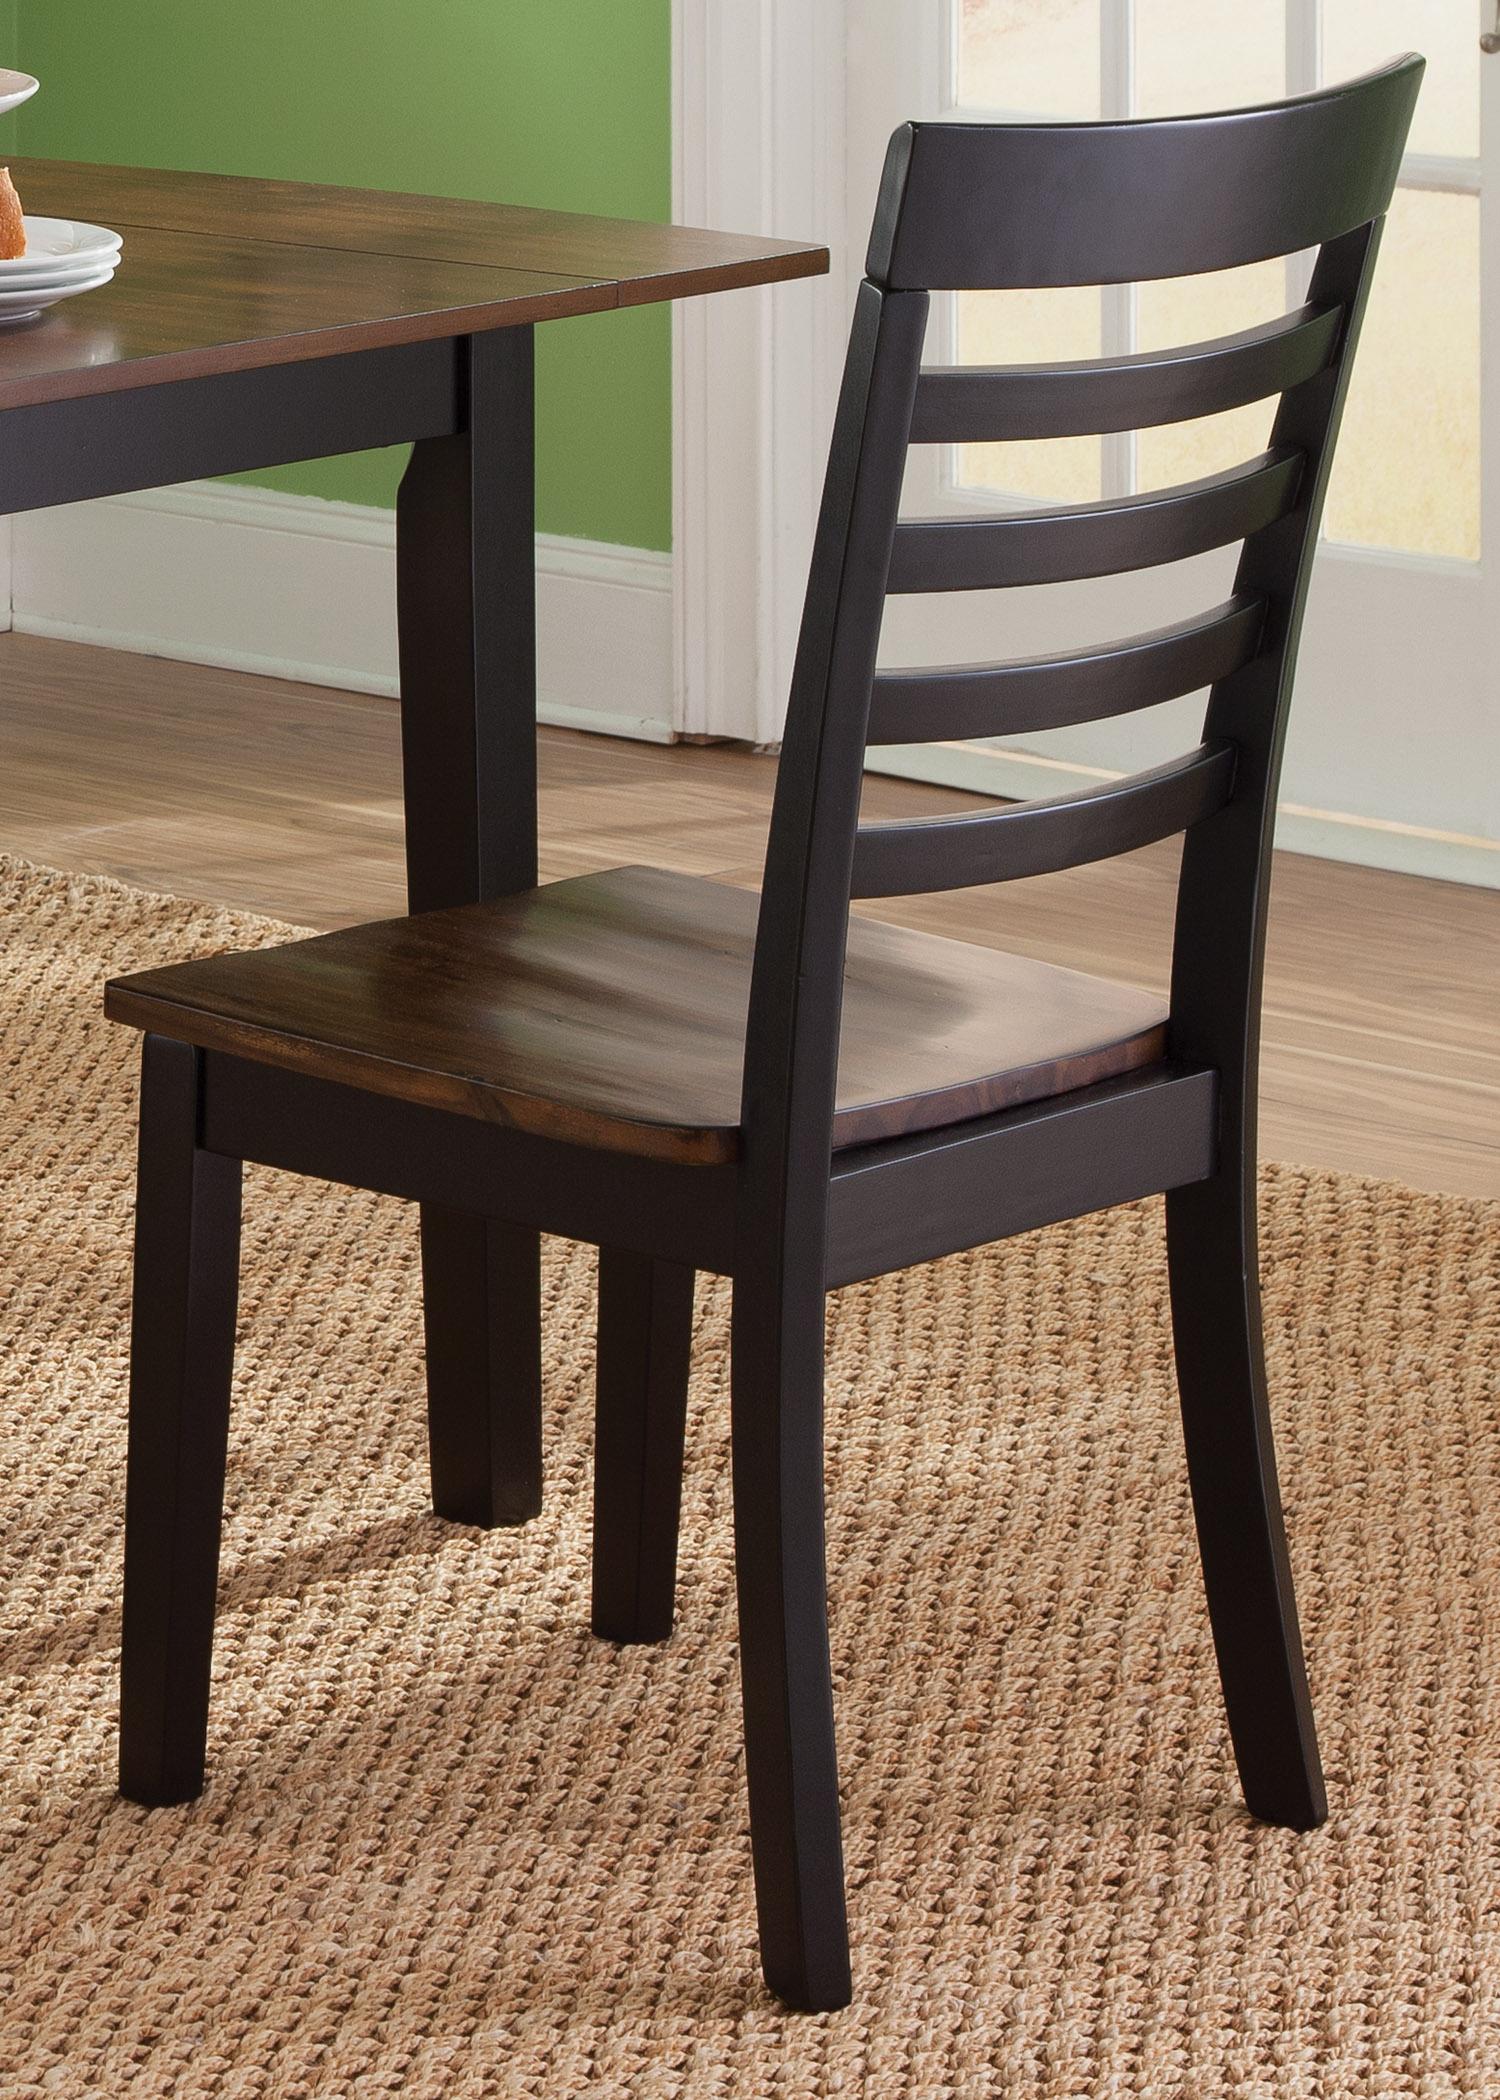 Vendor 5349 Cafe Dining RTA Slat Back Side Chair - Item Number: 56-C160-RTA